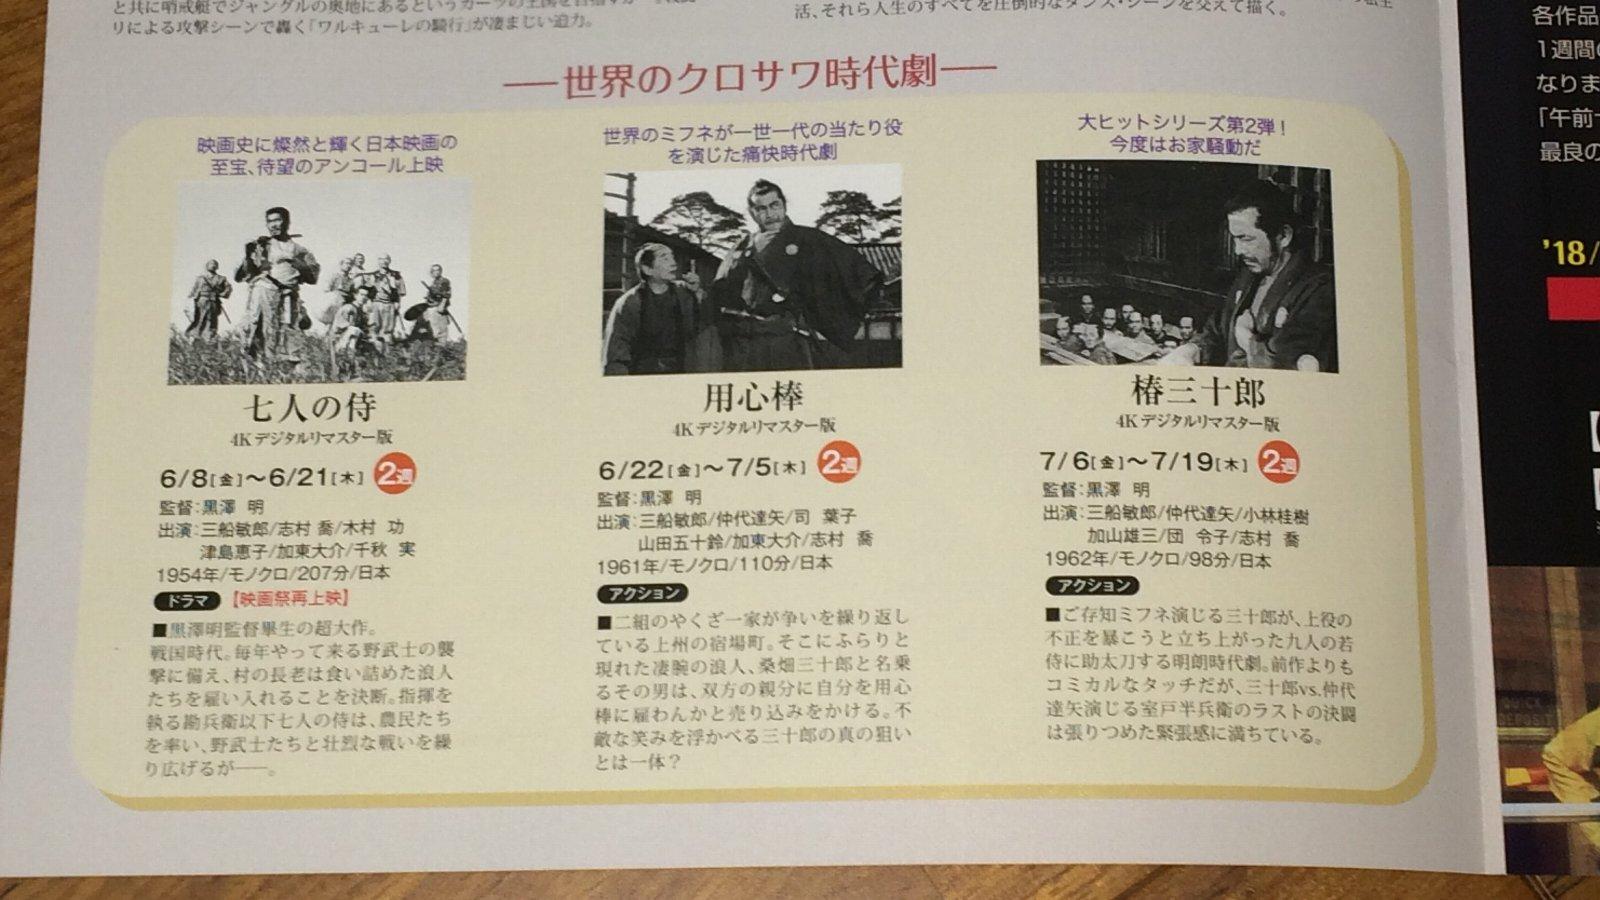 午前十時の映画祭9 黒澤作品は2週間づつ